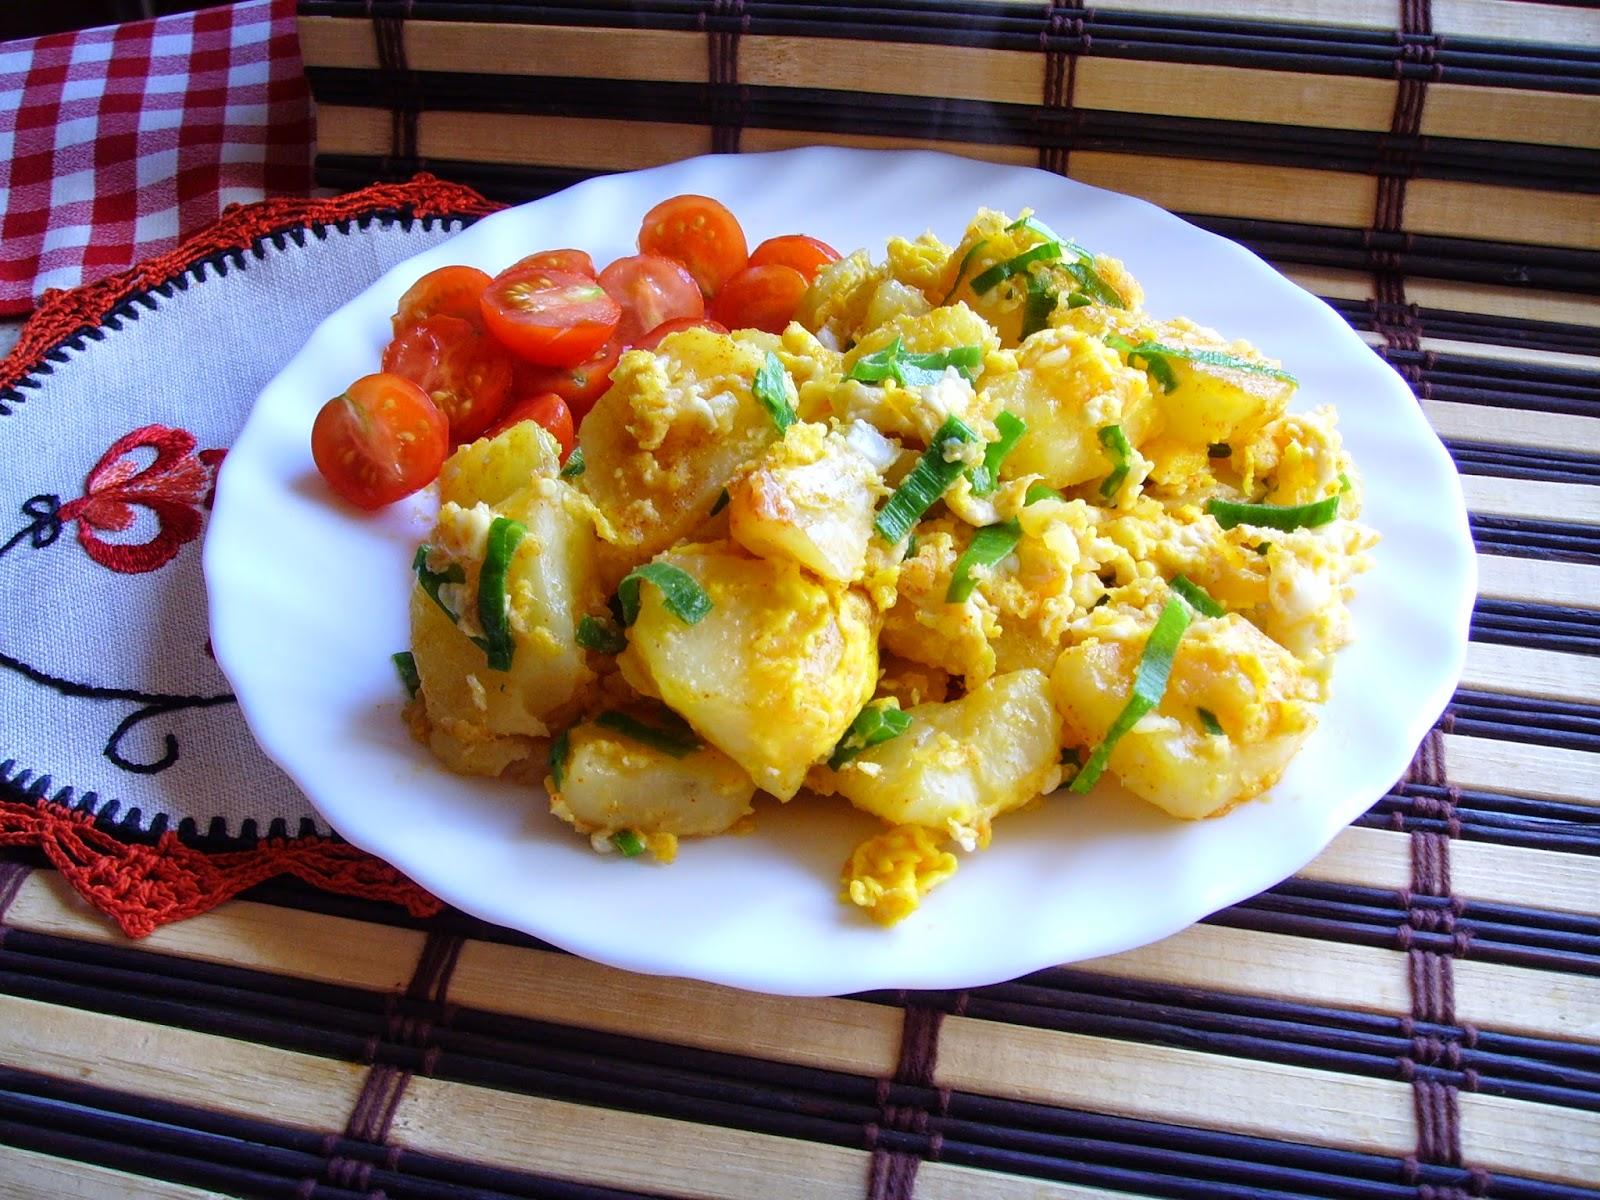 Kuchnia Z Widokiem Na Ogrod Zapiekane Ziemniaki Z Jajkami I Zielona